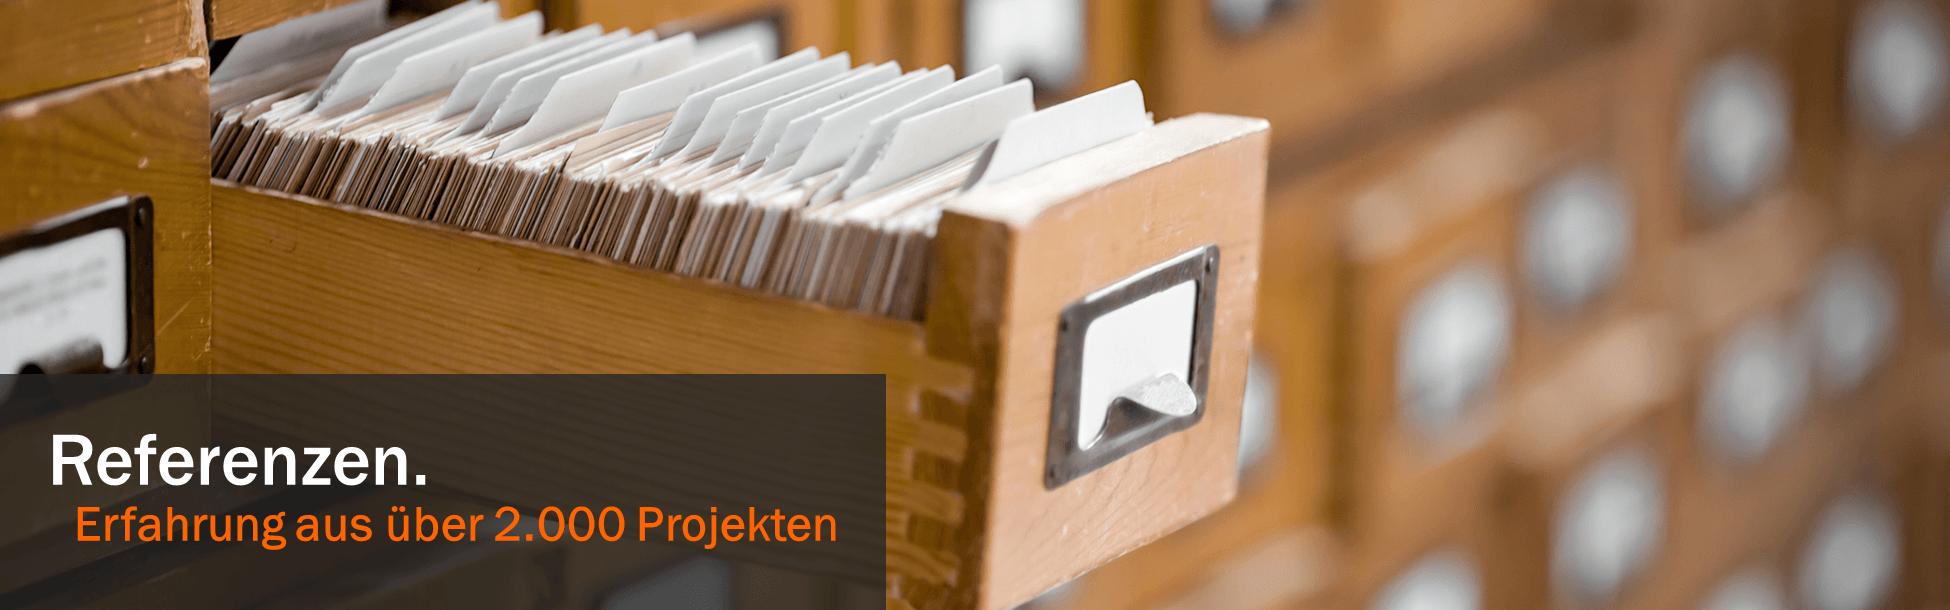 Referenzen_Slider